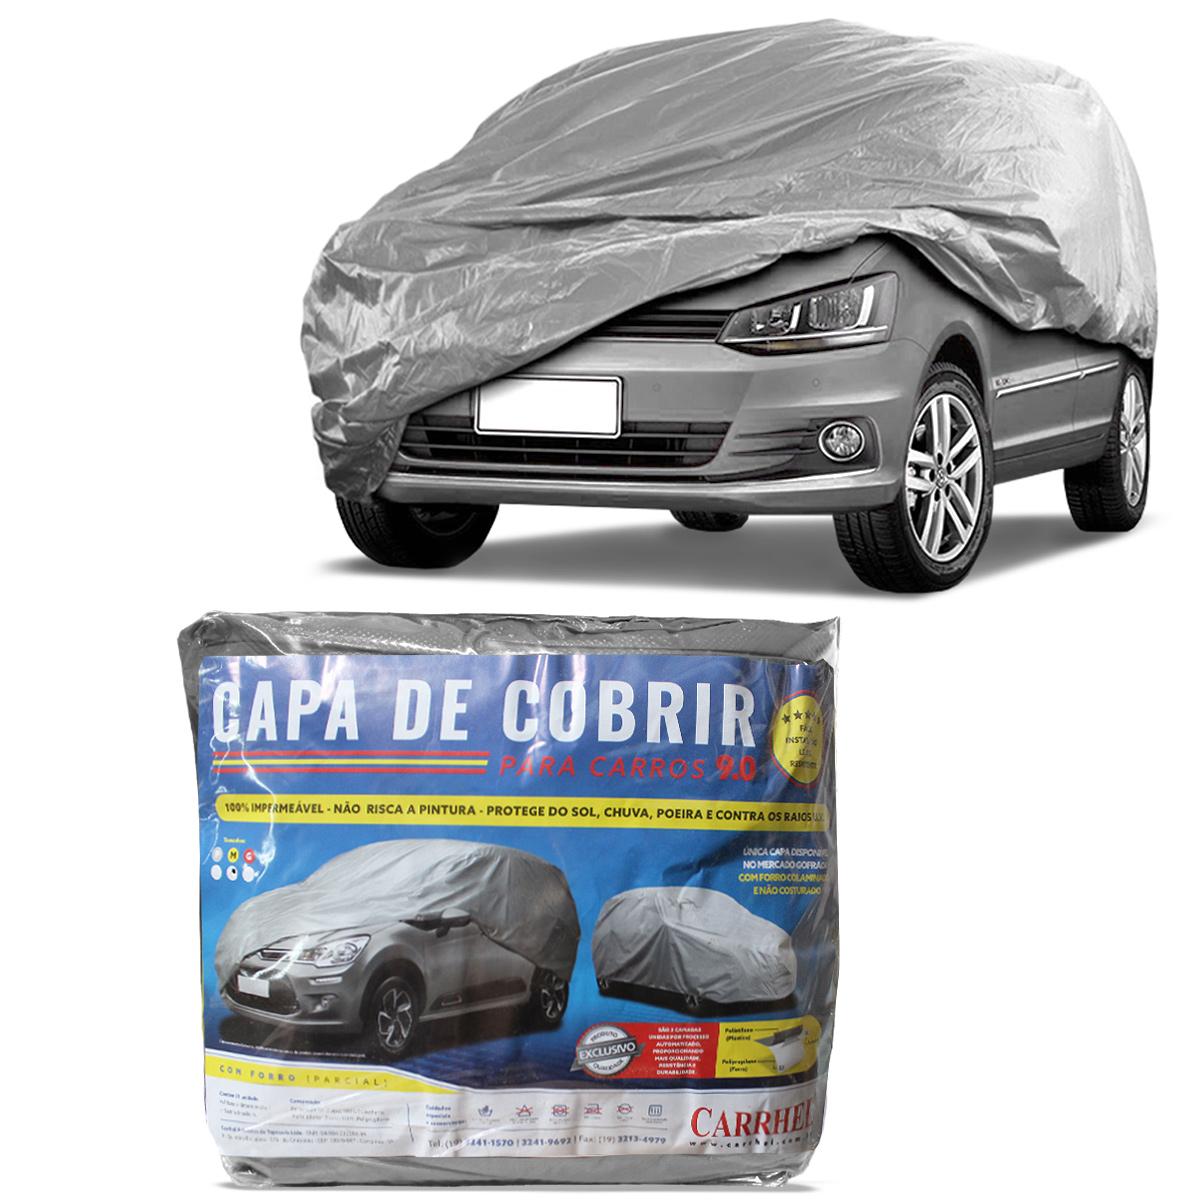 Capa de Cobrir Carro Media Forro Parcial Gofrada Impermeavel